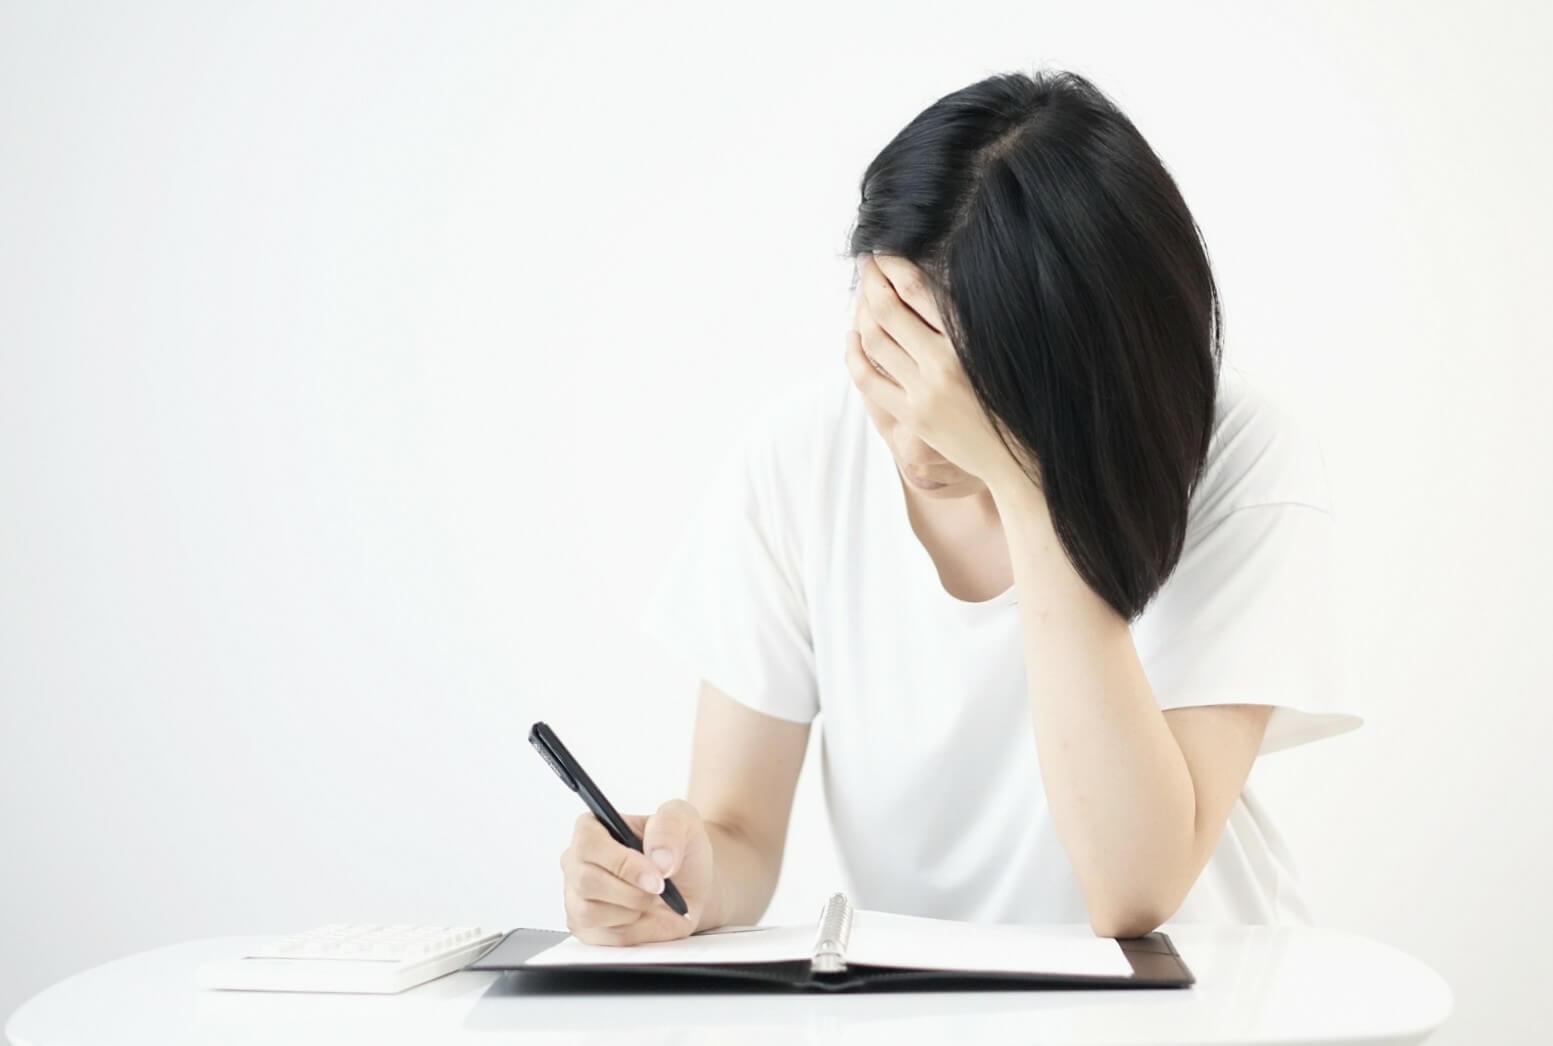 問題文を読み間違いケアレスミスと対策